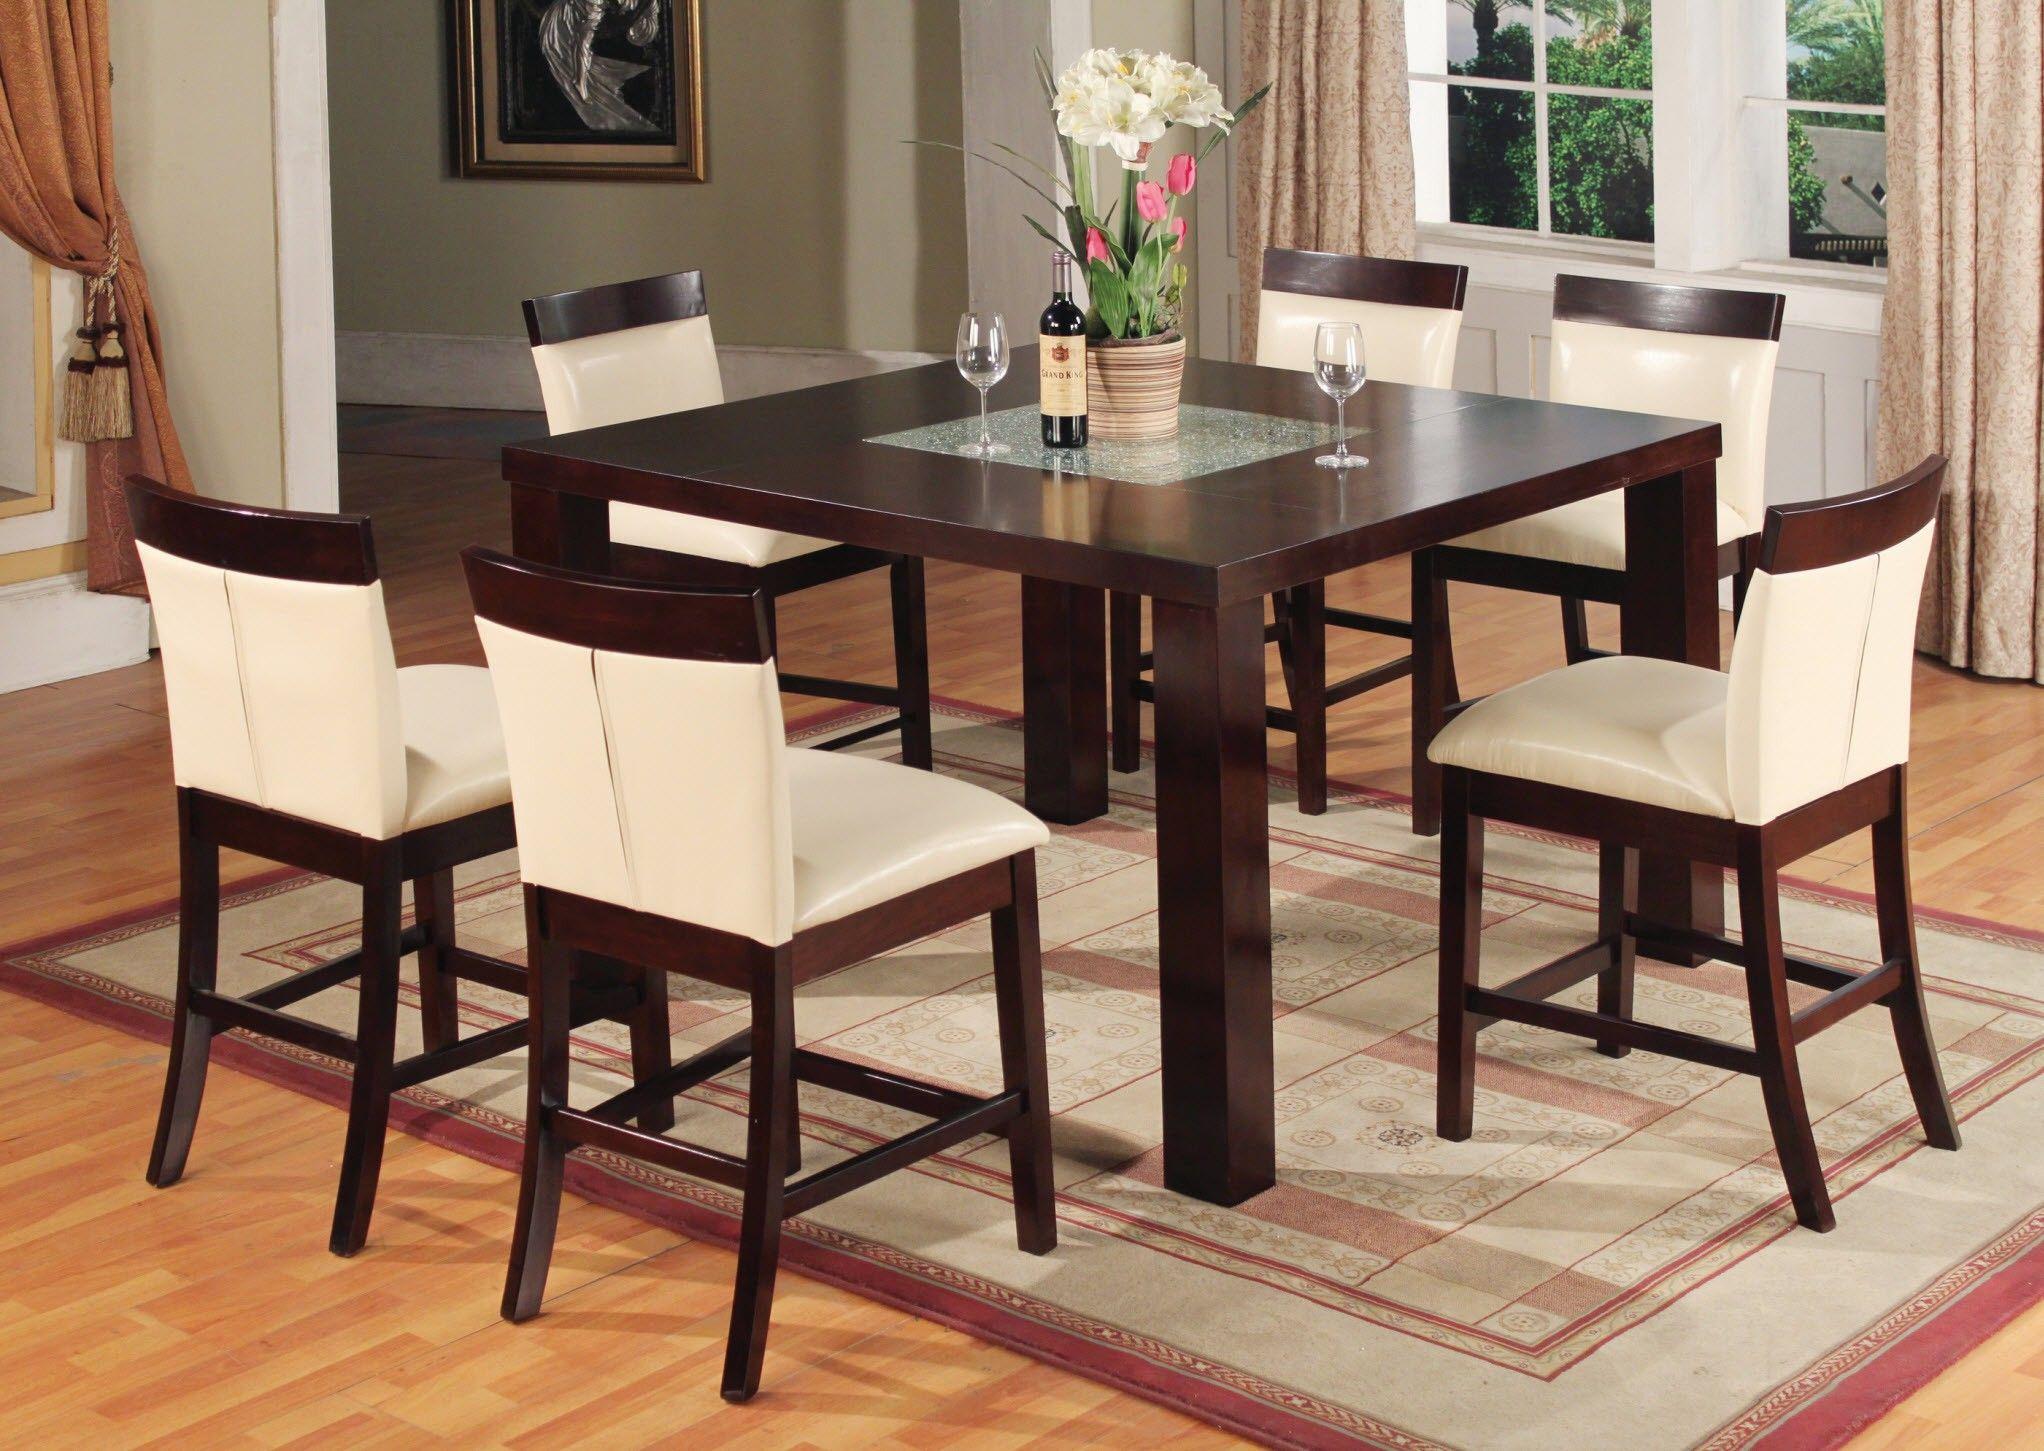 Esszimmer Stühle Tische Tisch Sets Schwarz Kitchen Set Small Square Folding Stück Erweiterbar Tall Weiße Runde Glas Und Küchenzeile Bett